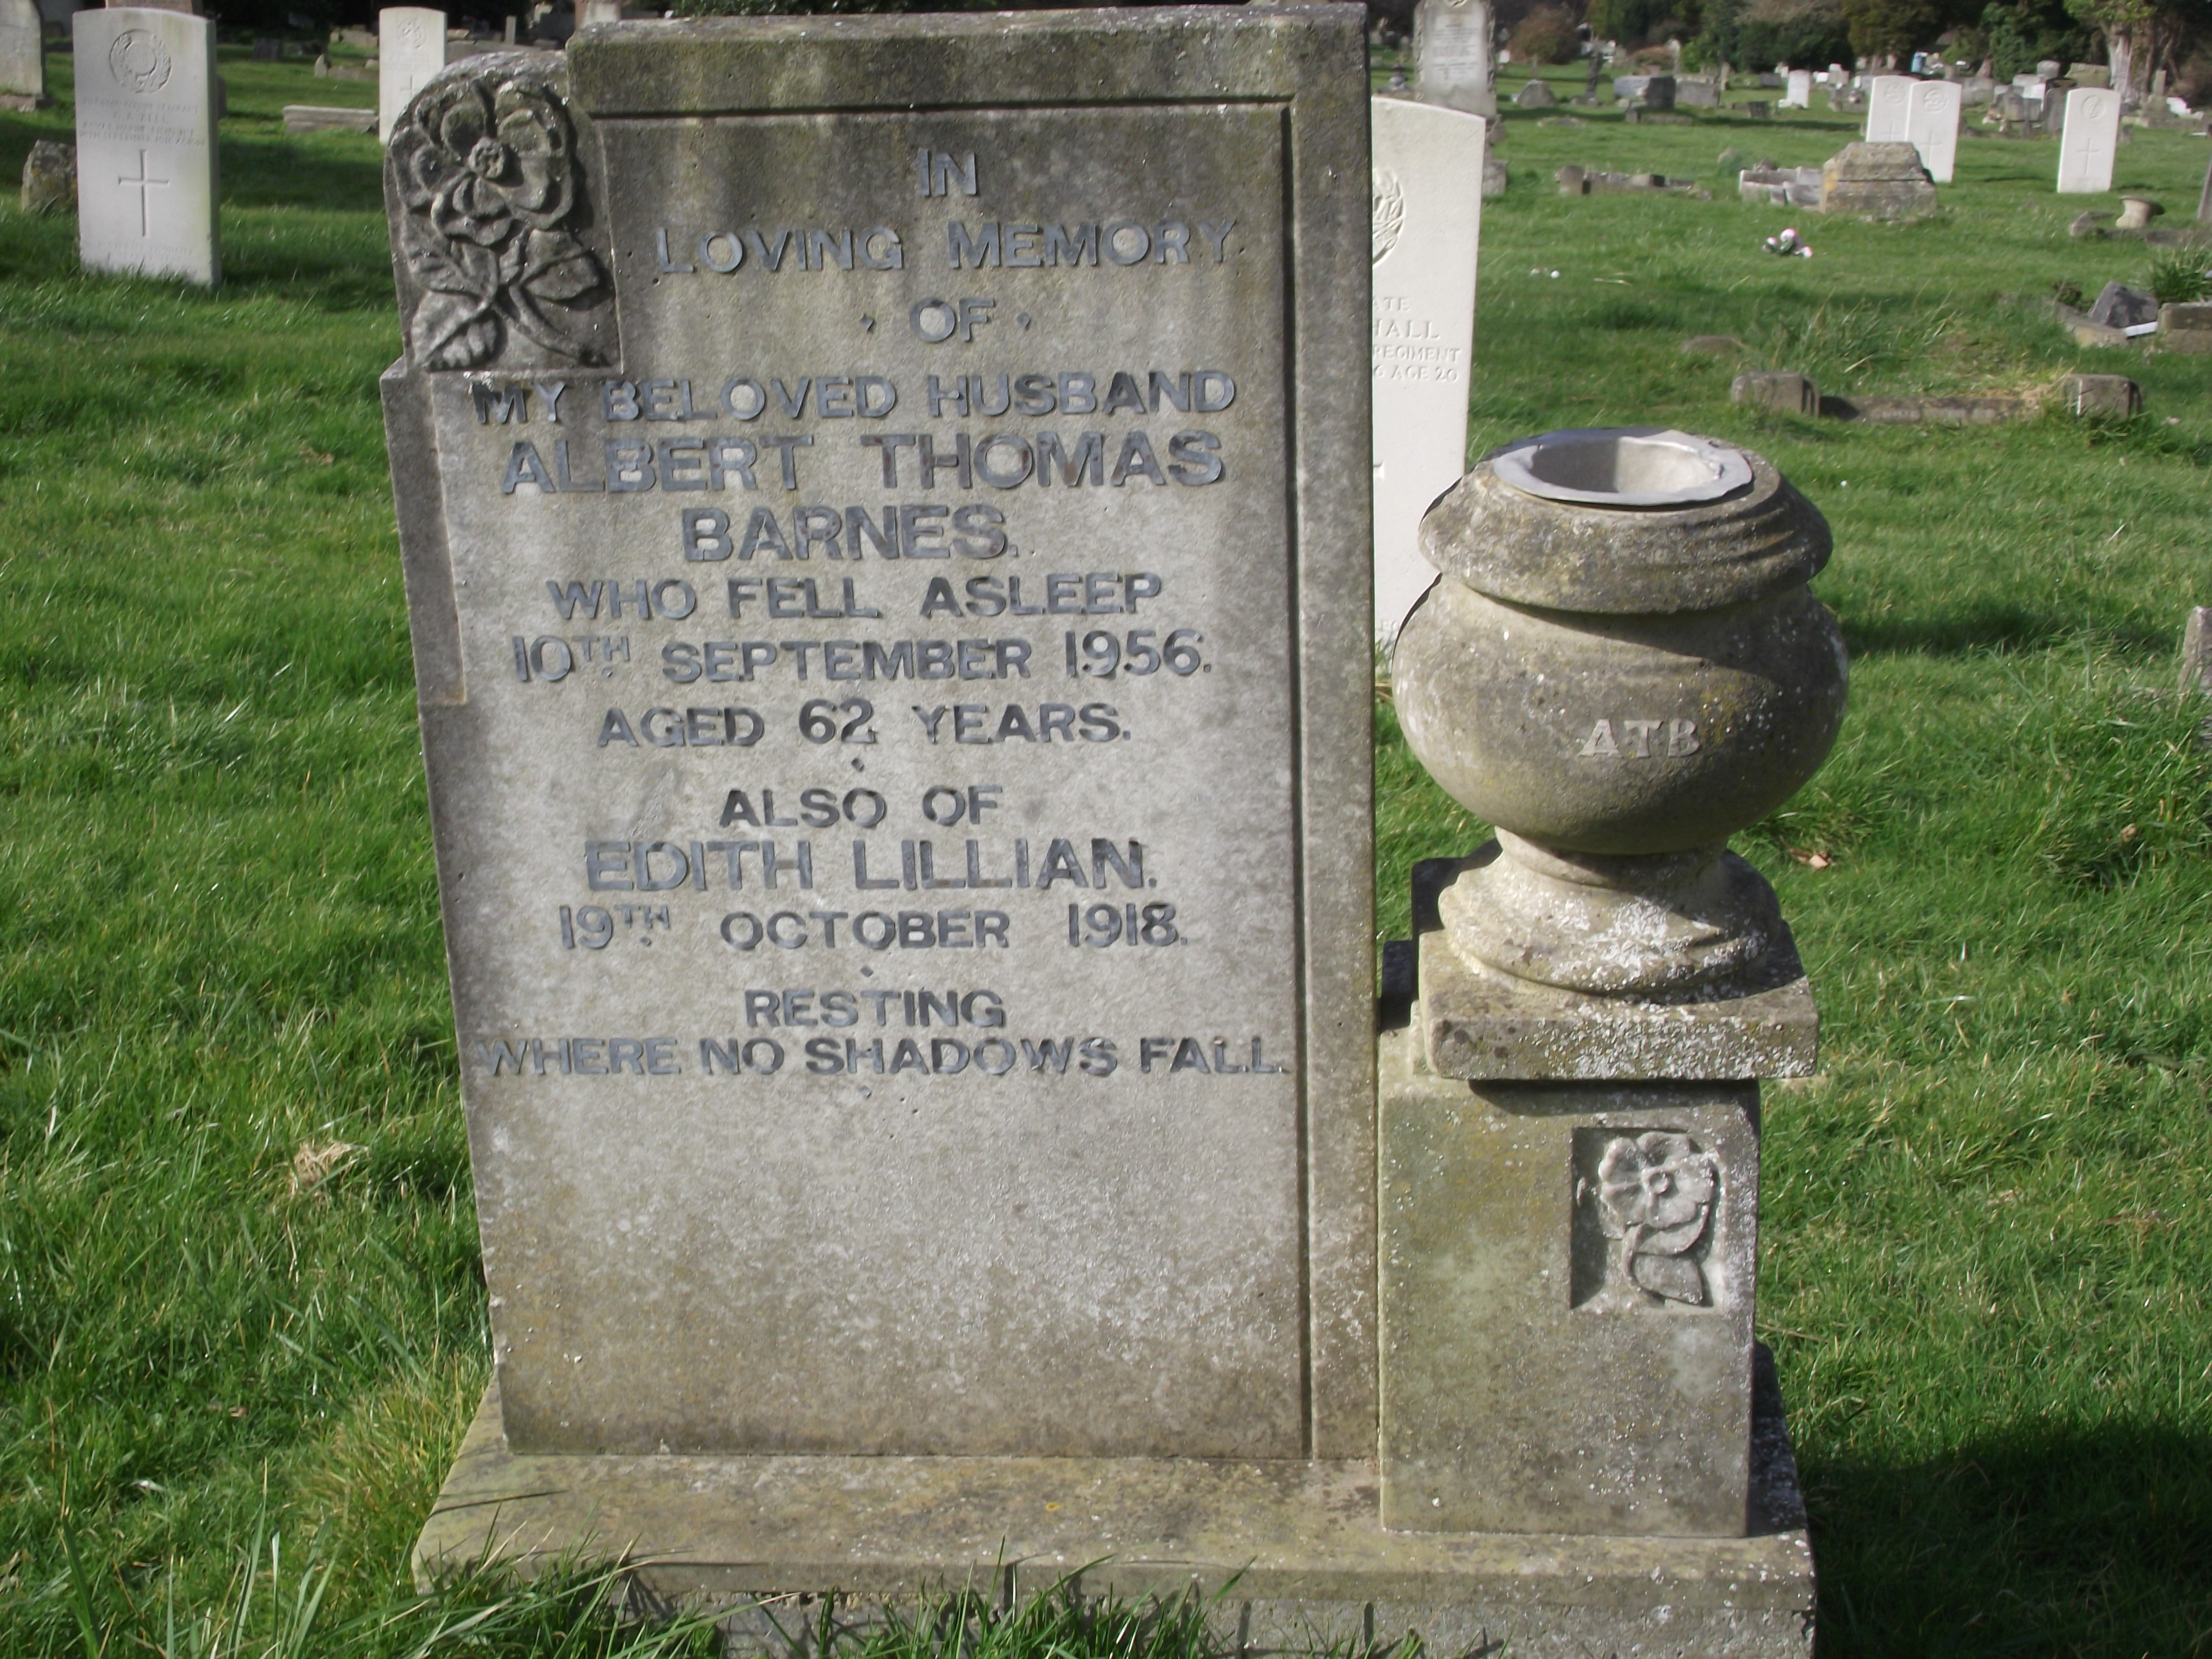 Edith Lilian Barnes